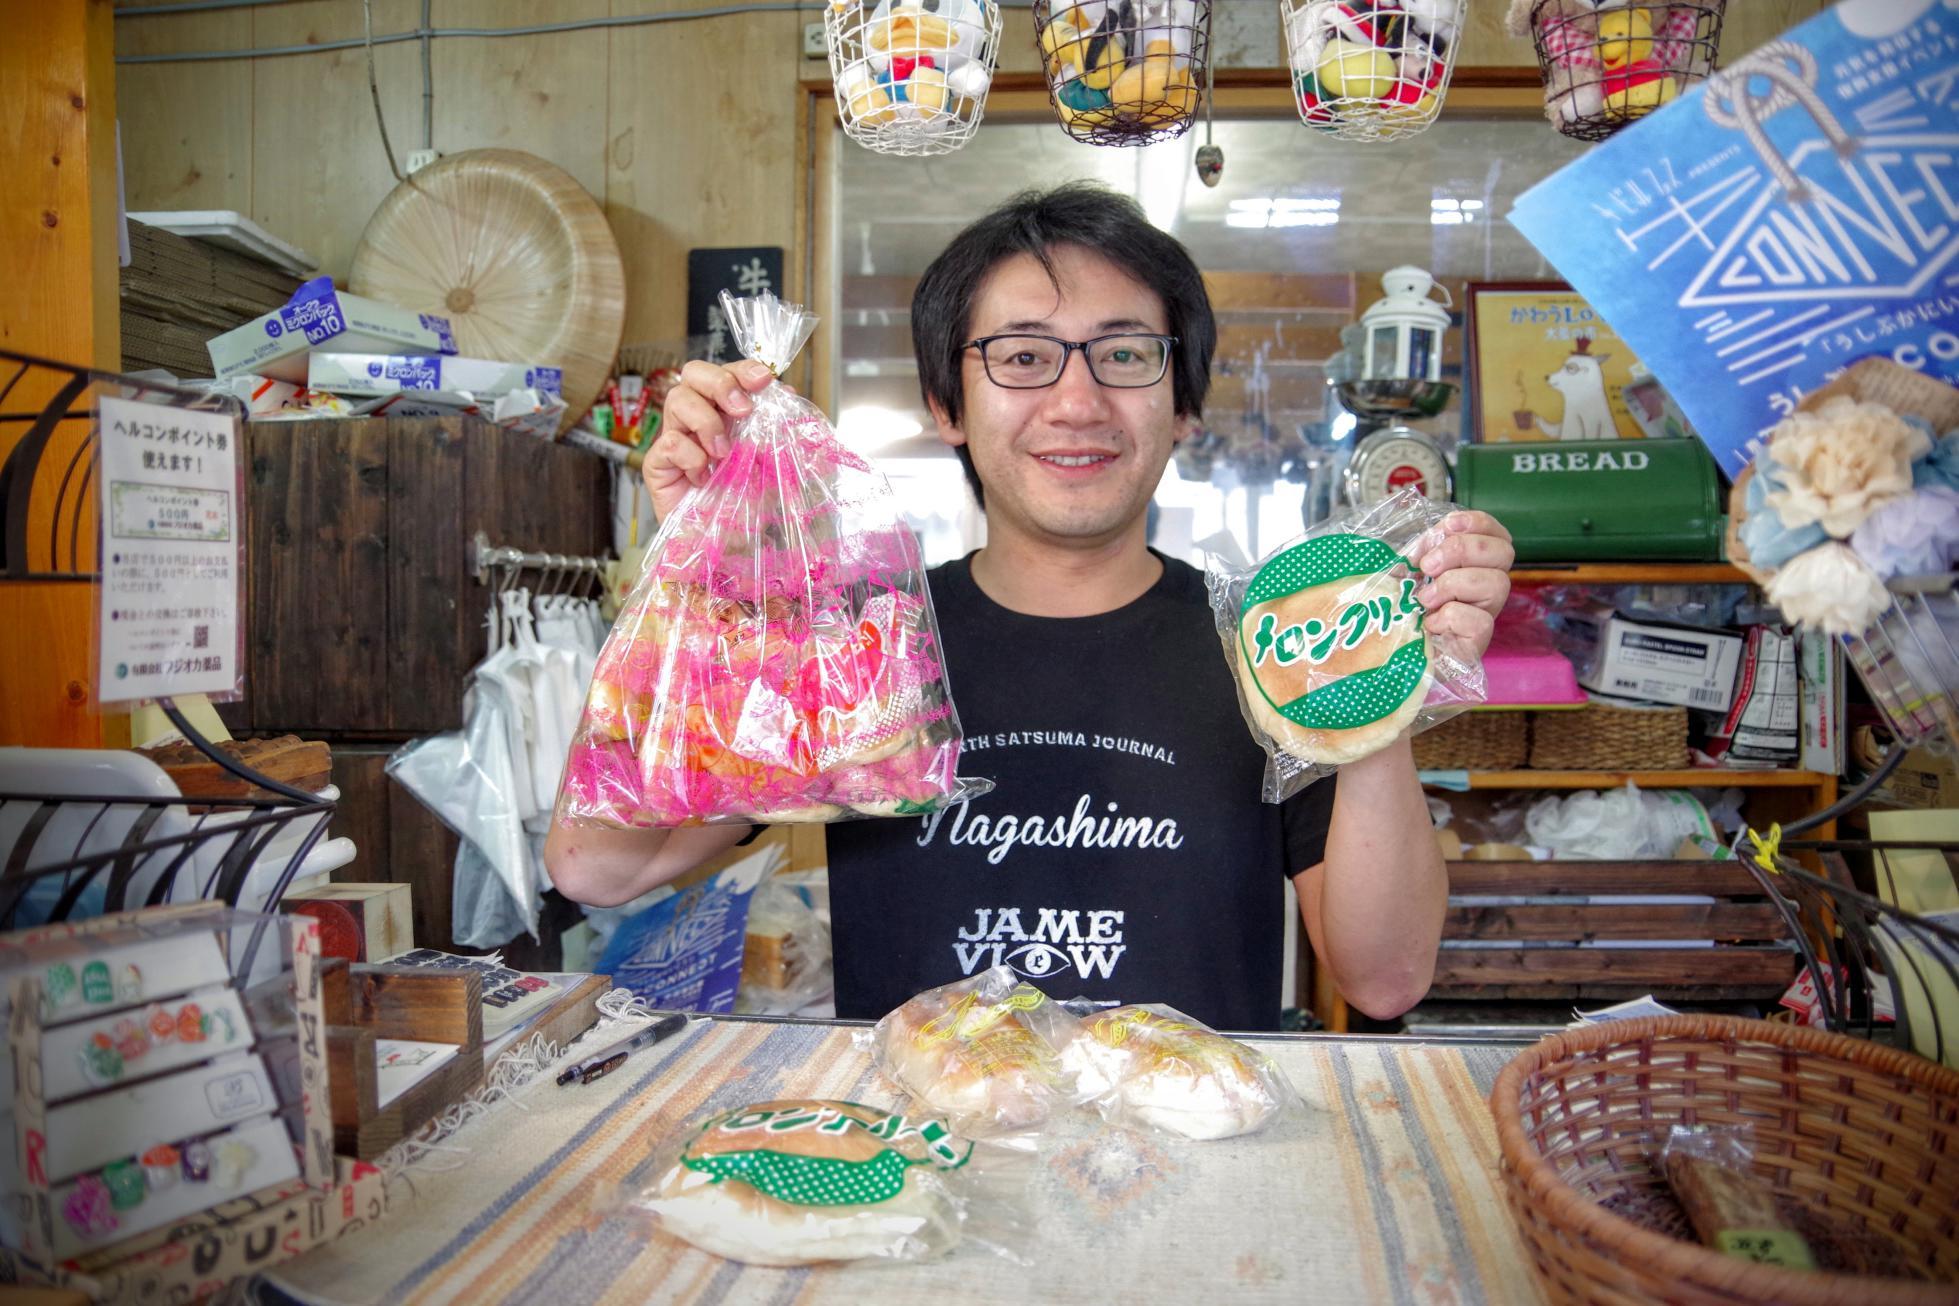 吉永製パン所の人気パン